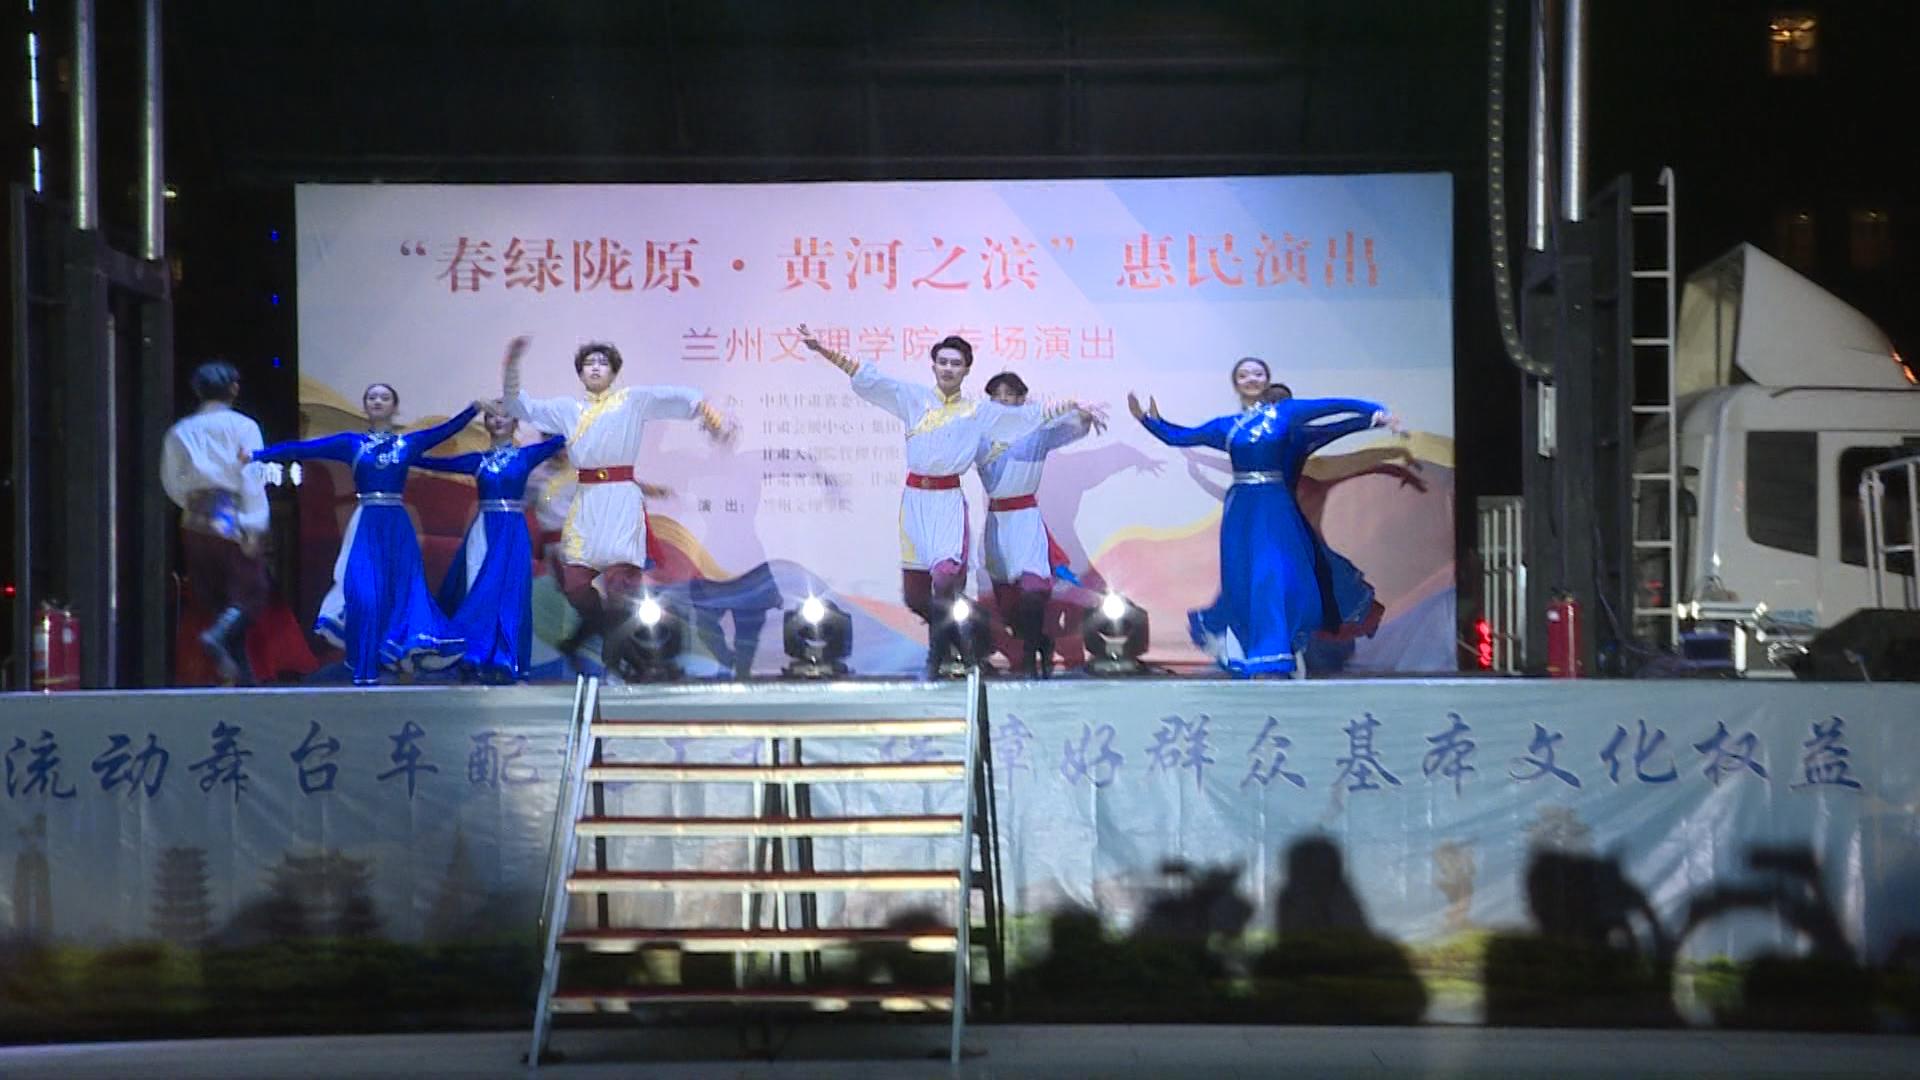 一支豪放与美感并存的舞蹈《站在草原望北京》